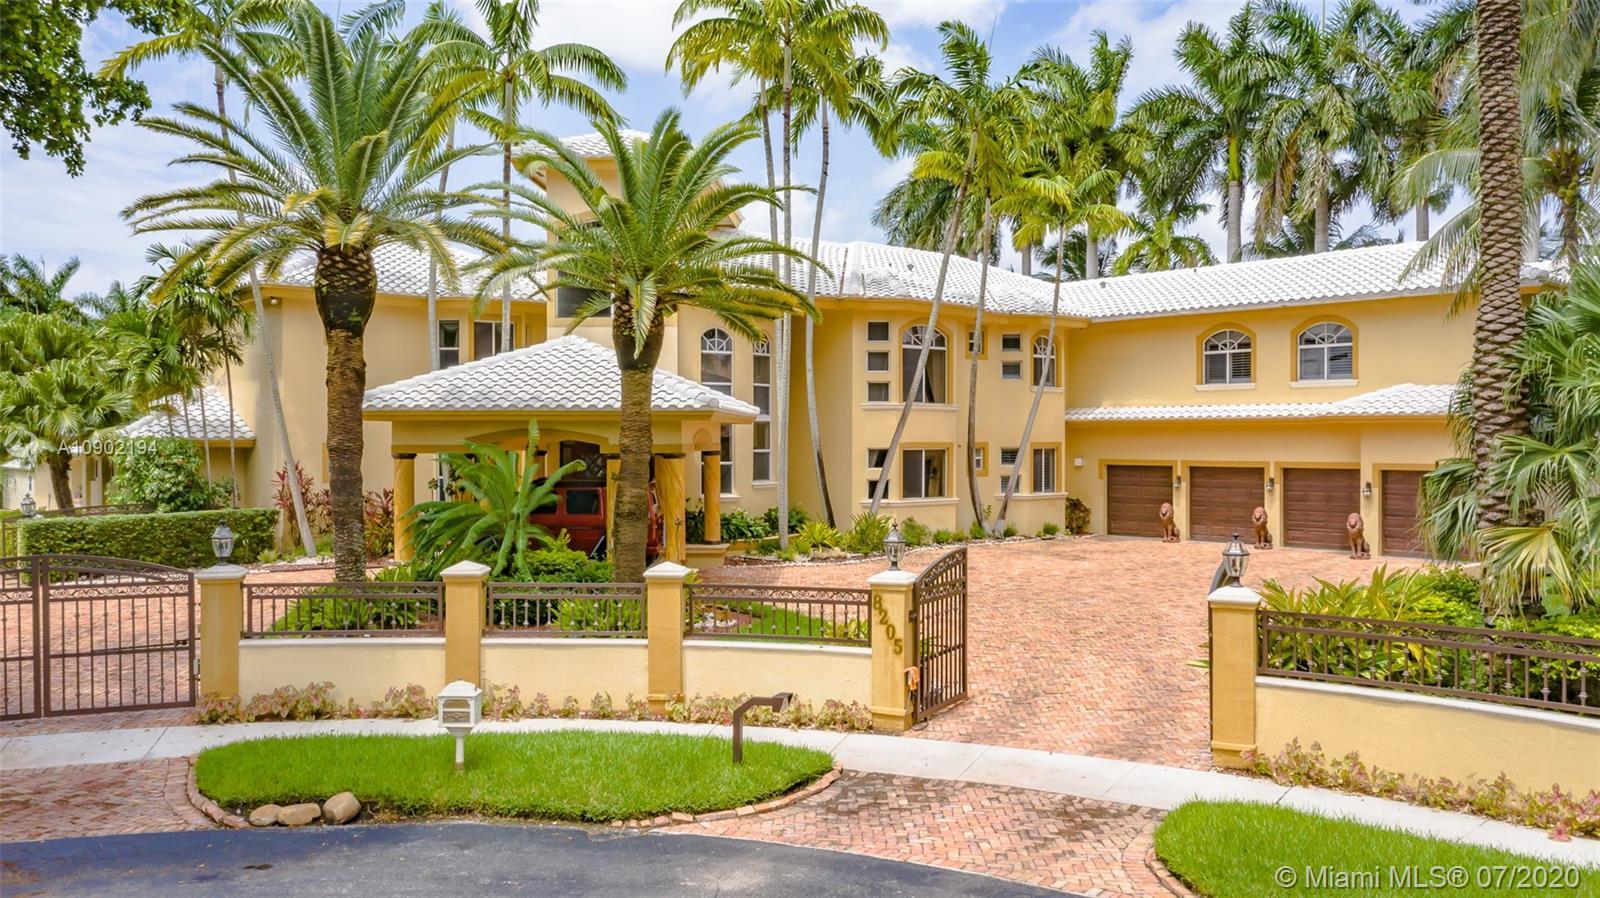 Miami Lakes - 8205 NW 157th Ter, Miami Lakes, FL 33016